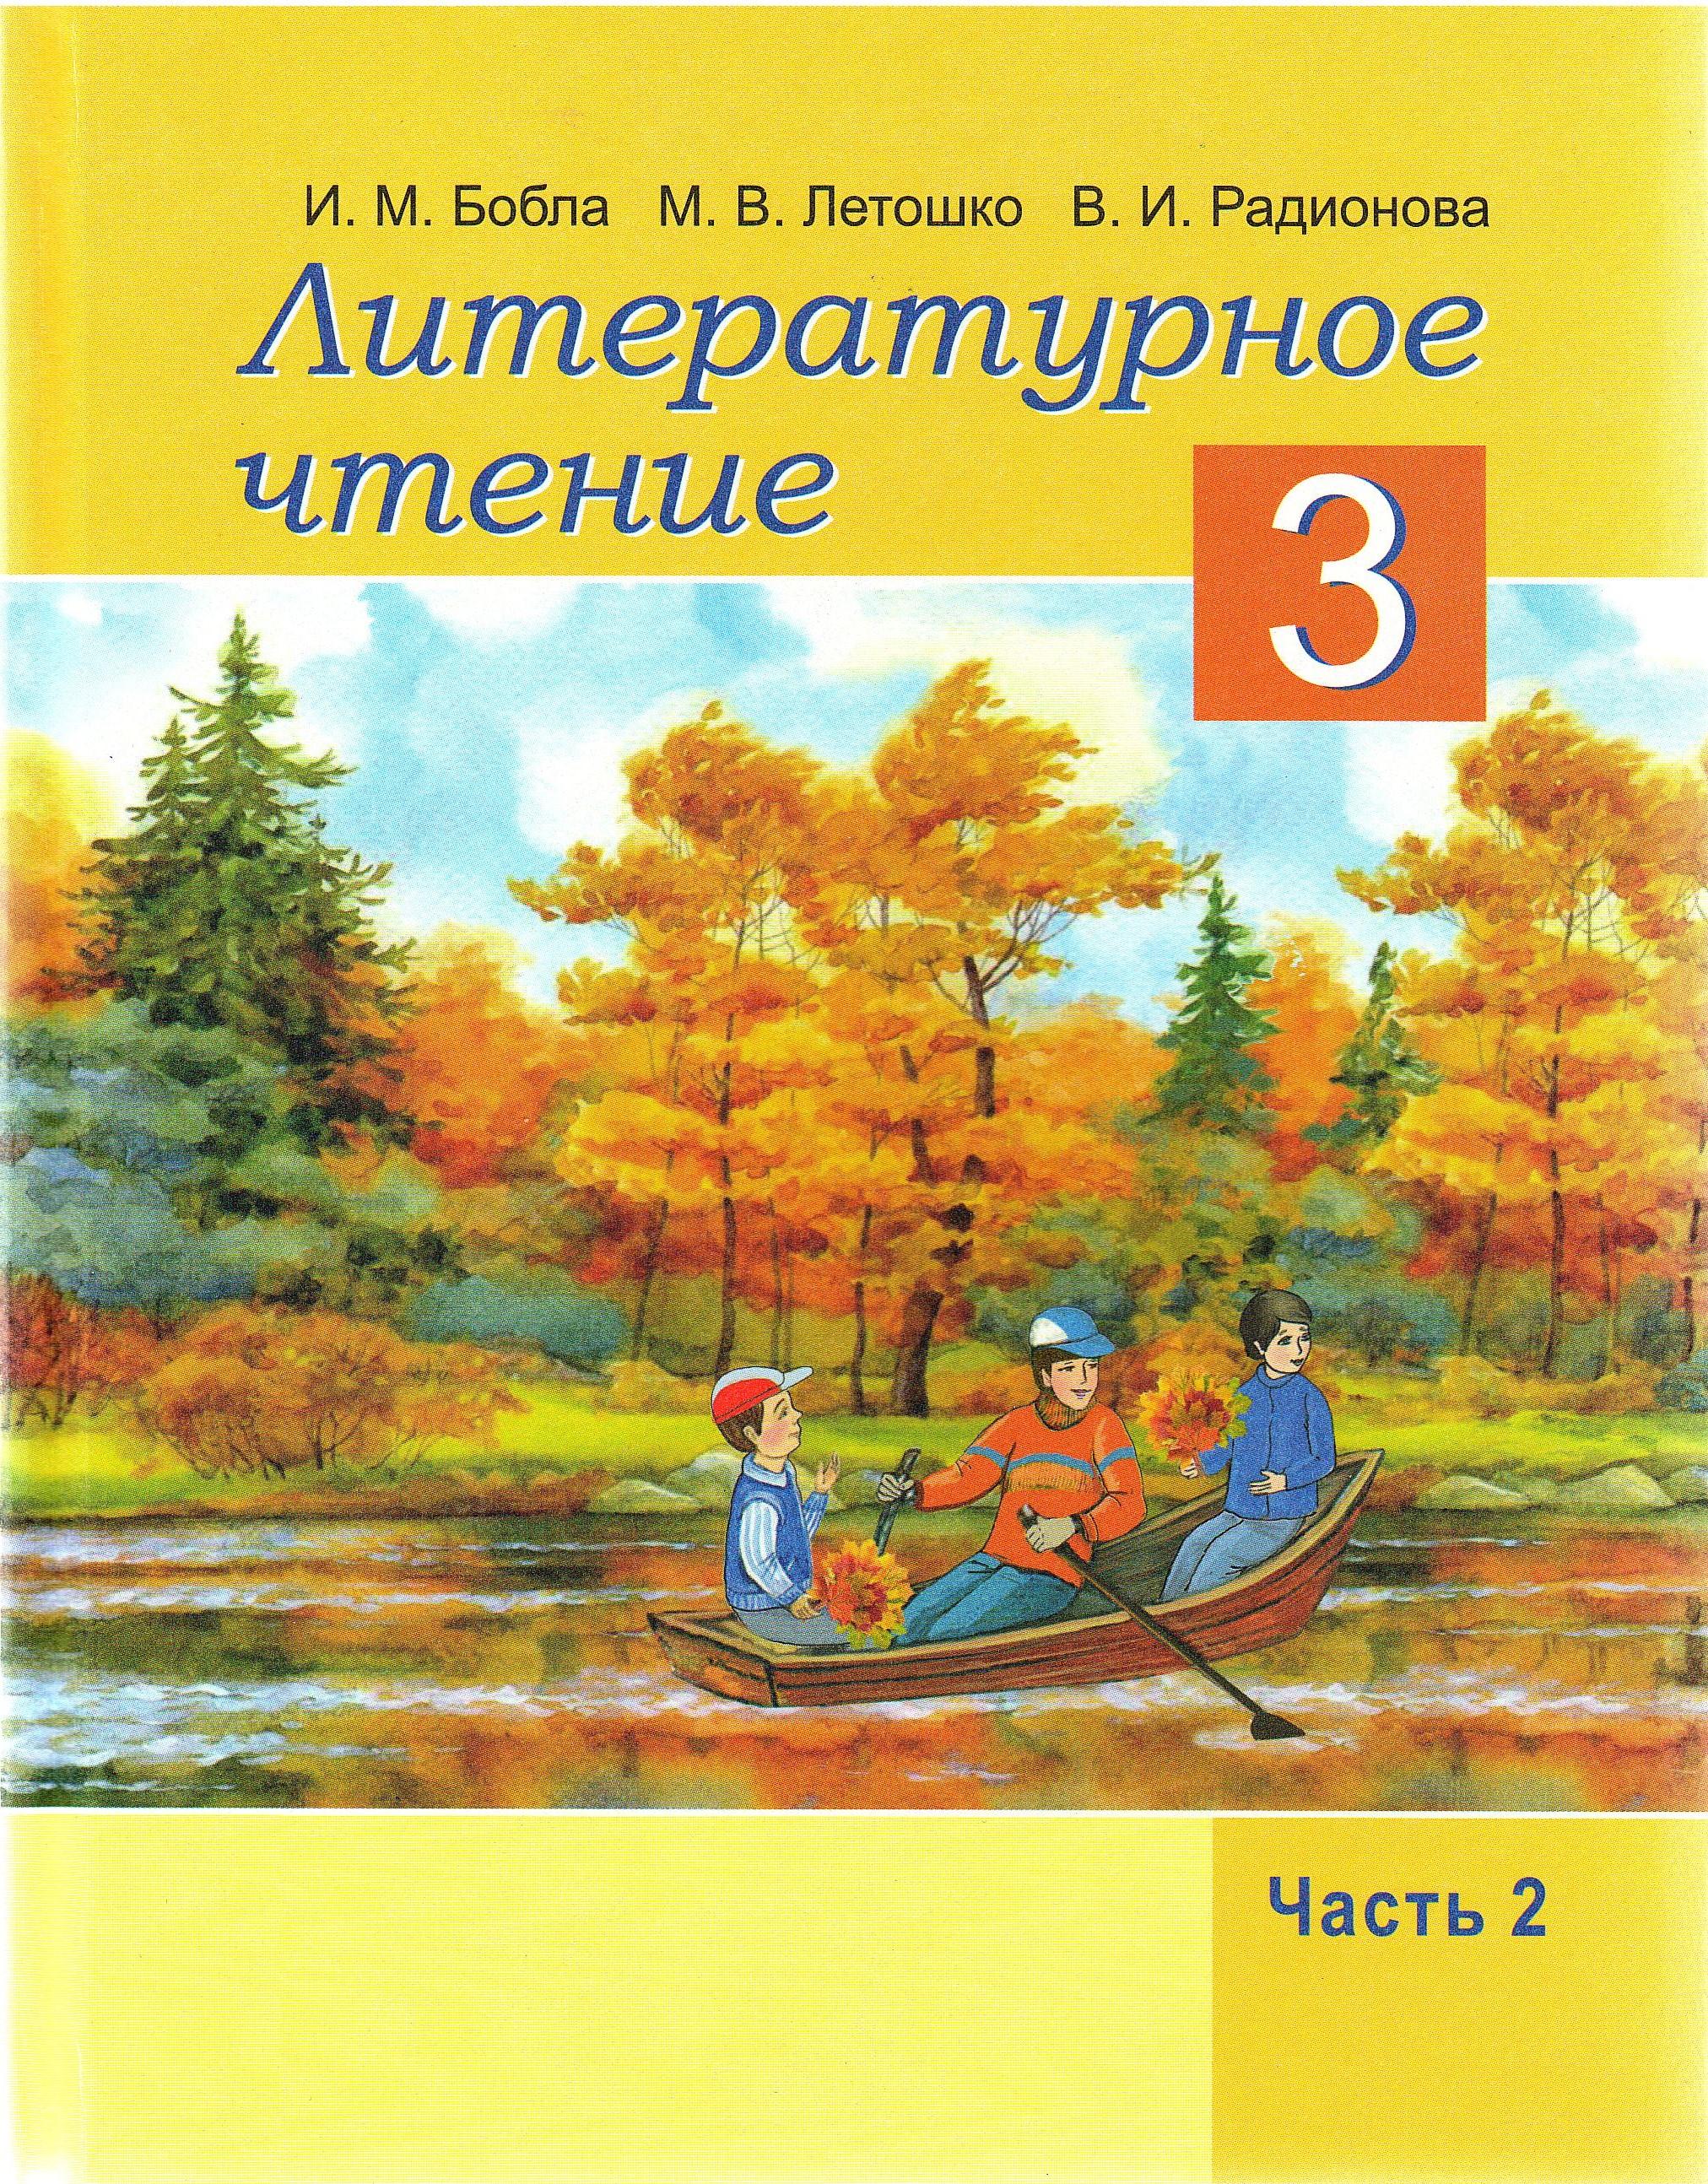 Литературное чтение, 3 класс. Часть 2